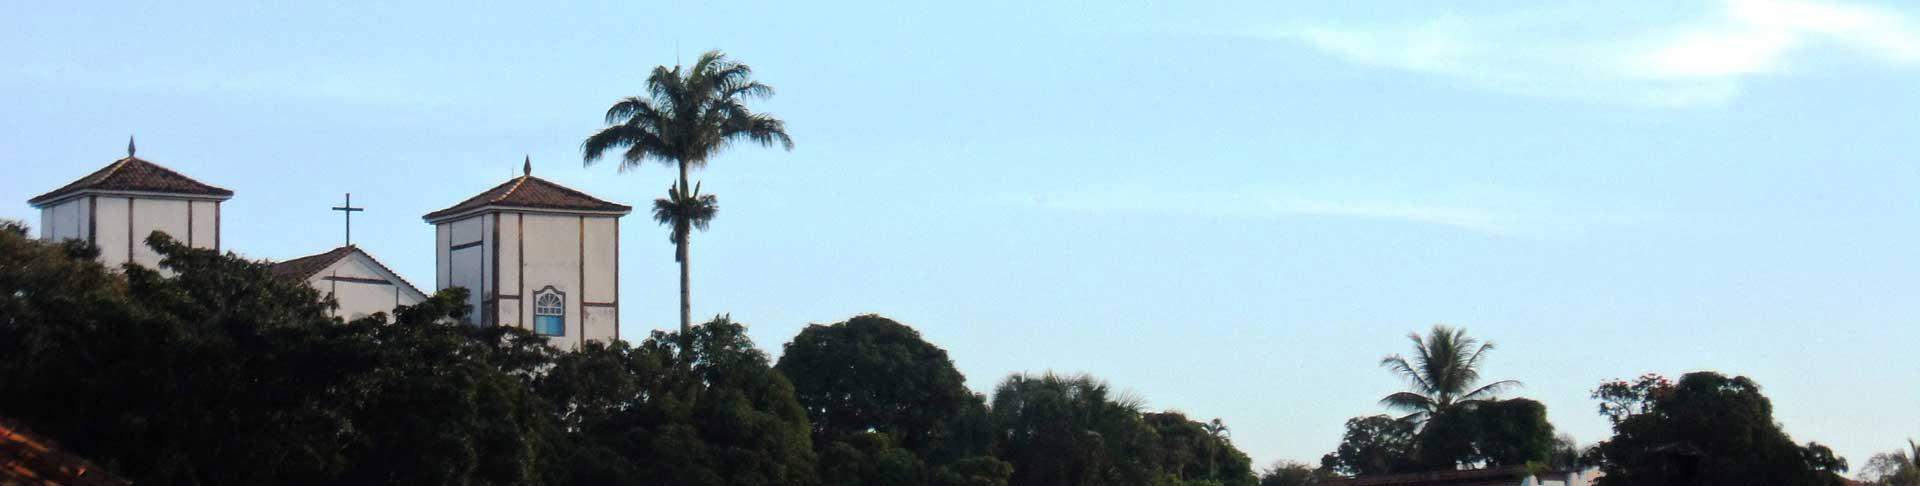 Cidade de Pirenópolis